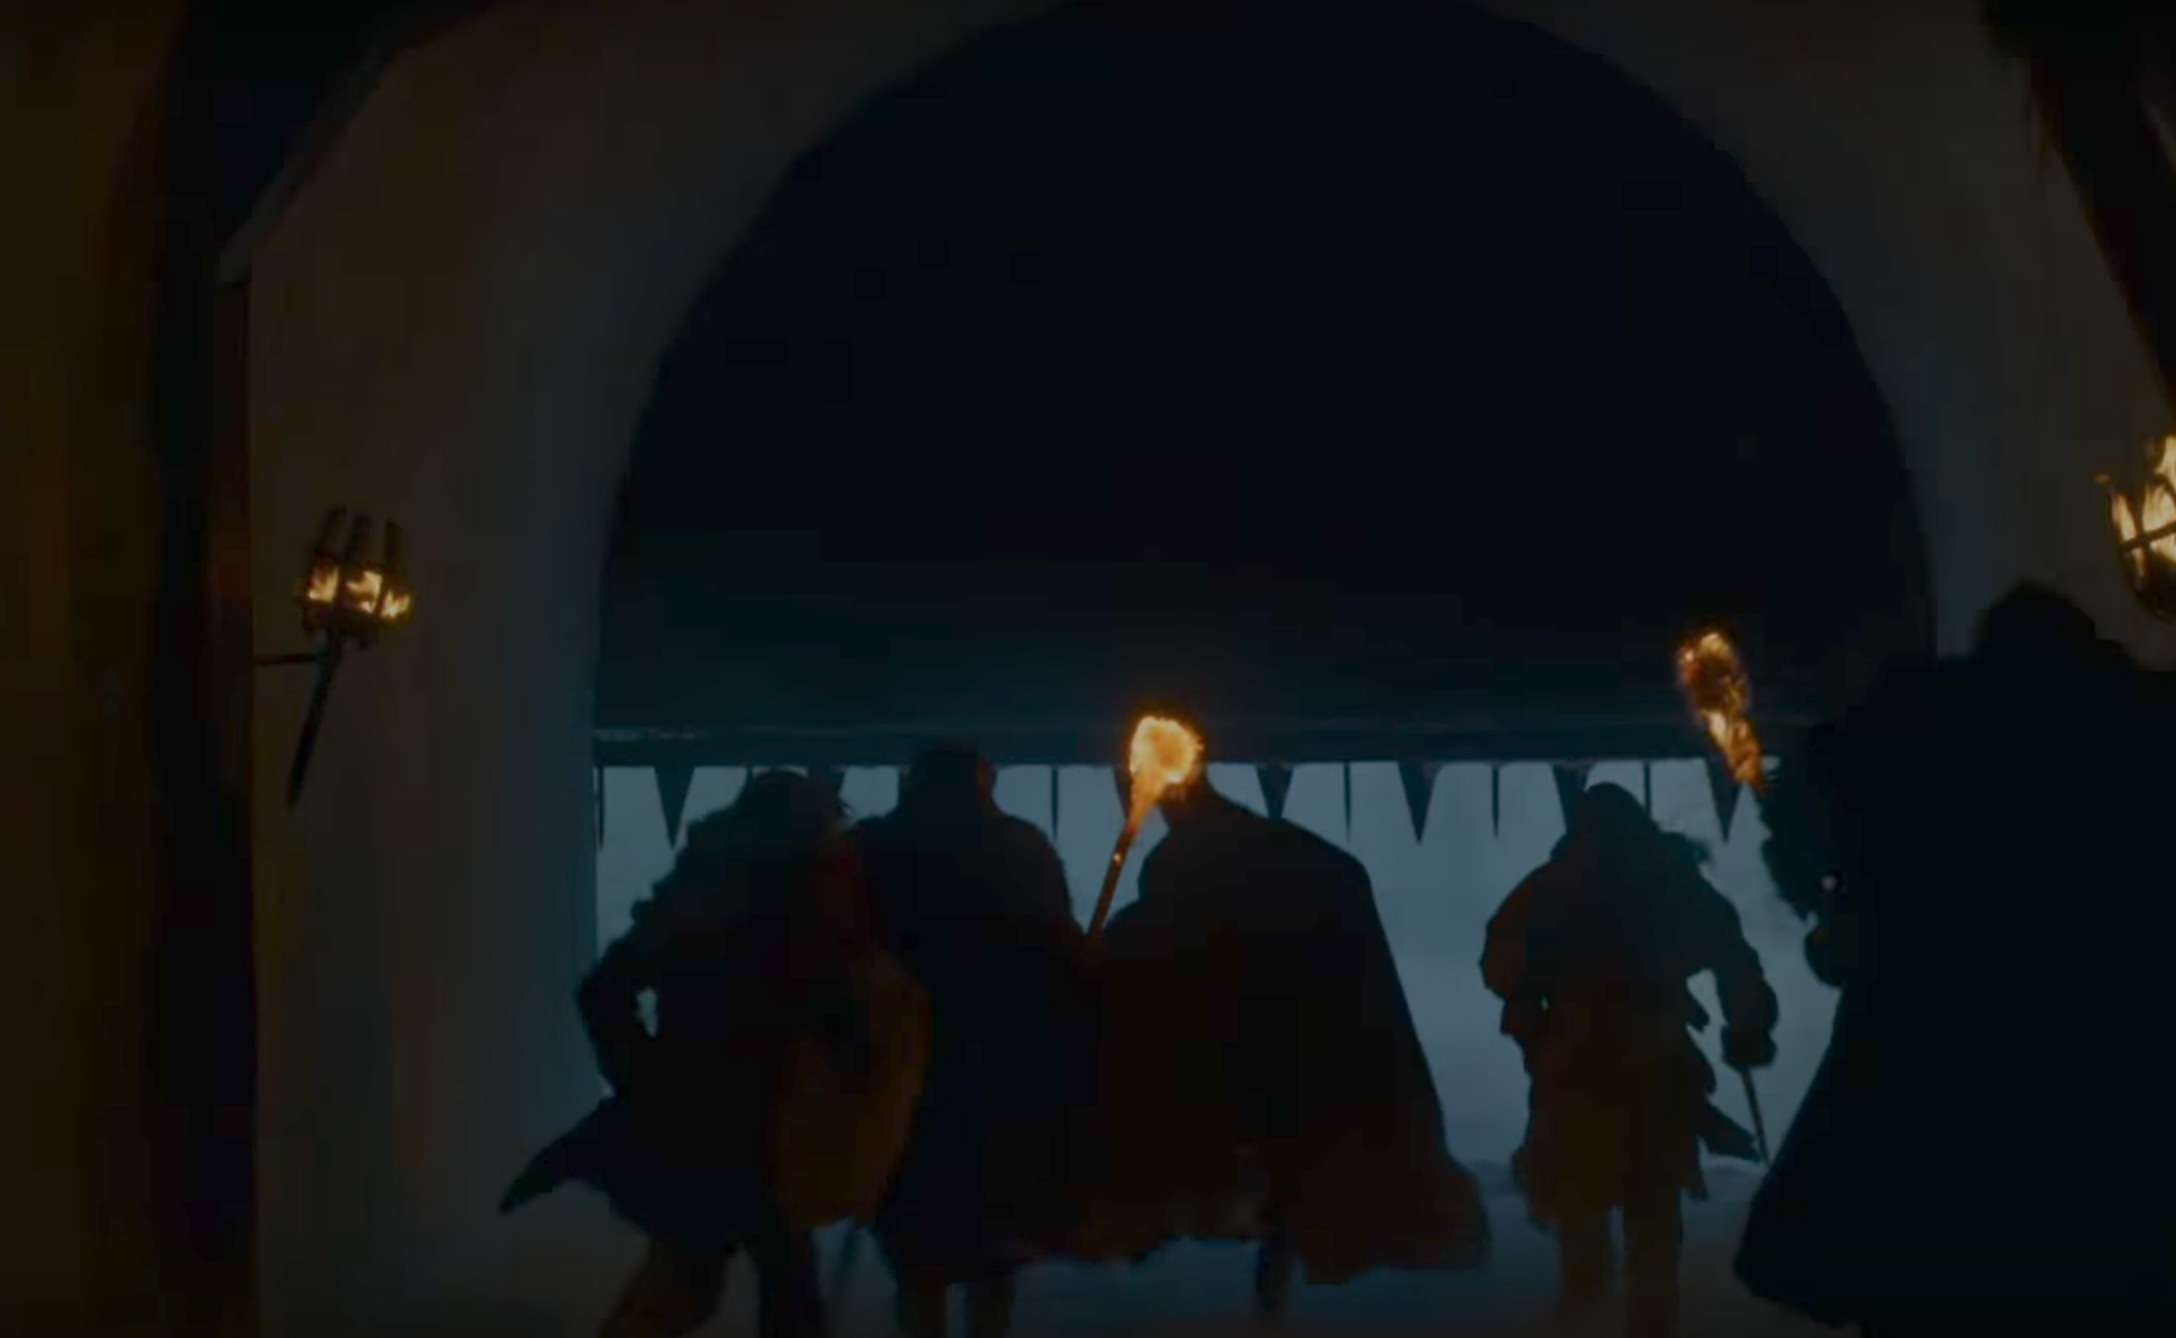 Vad betyder detta? Har några begett sig tillbaka till muren för att hämta eld? Ser ju ut som att de är på väg ut i kylan igen....